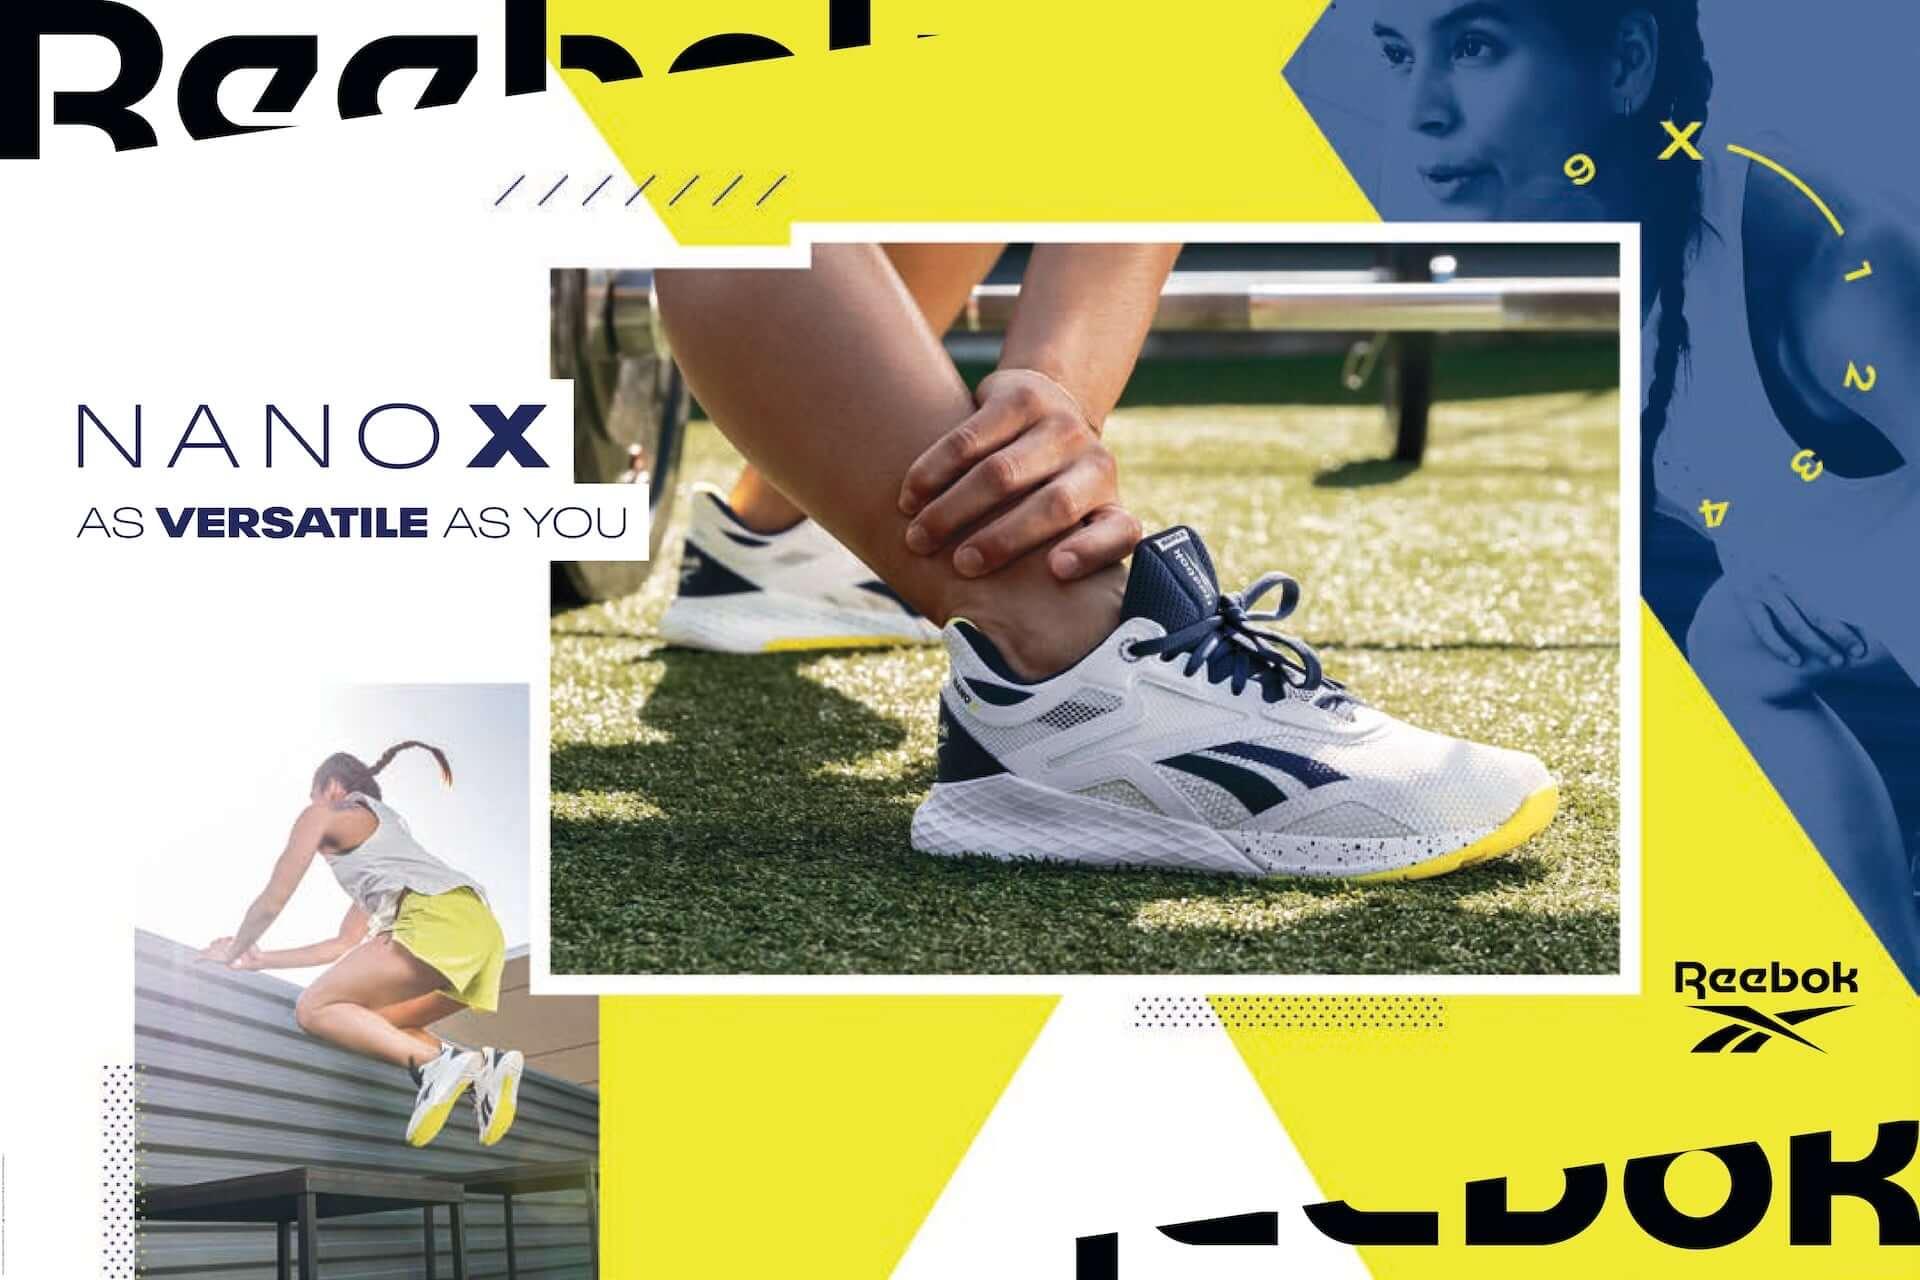 リーボックの室内外両対応のランニングシューズ『Nano X』の新色が発売!リッチ・フローニングとの共同開発モデルも登場 lf200806_reebok-nanox_6-1920x1280